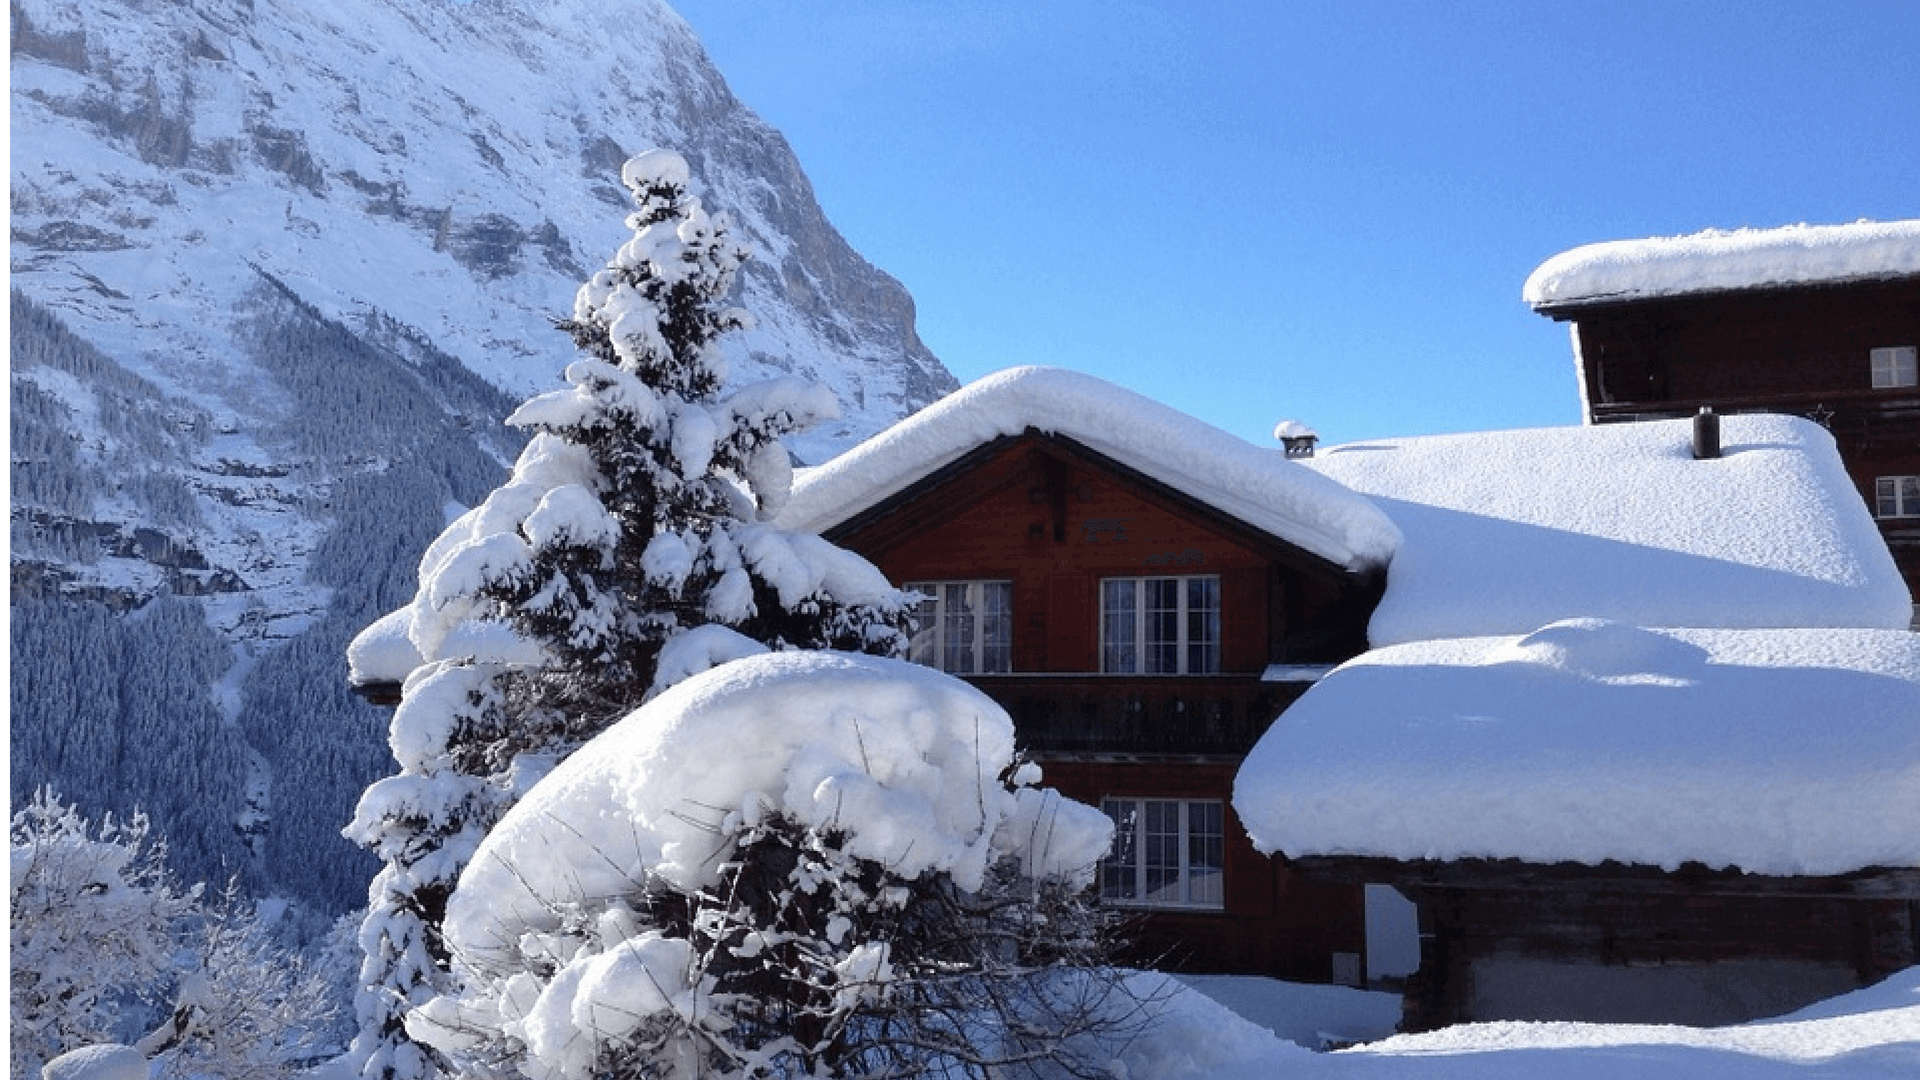 Für unsere Weihnachtsfeier wanderten wir zu einer Hütte